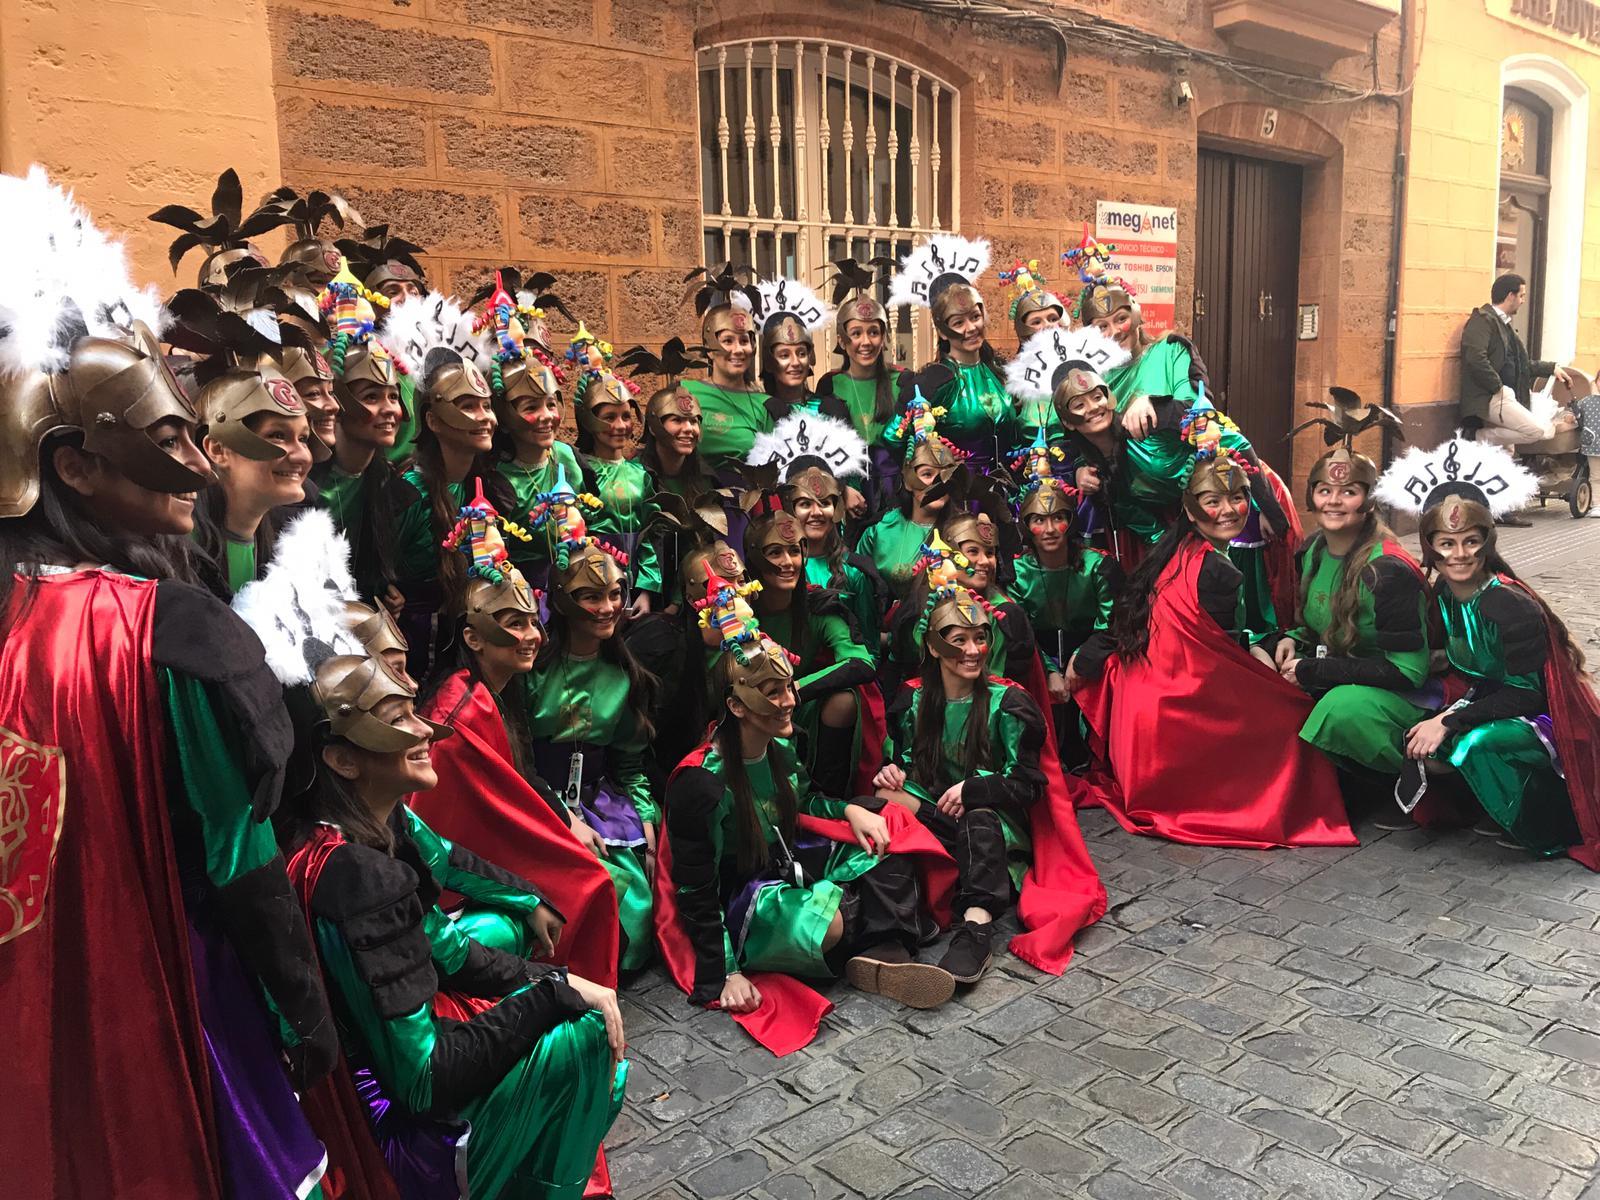 Calendario Coac 2019.Actuacion De Nuestro Coro Juvenil Juego De Coros En La 1ª Semifinal